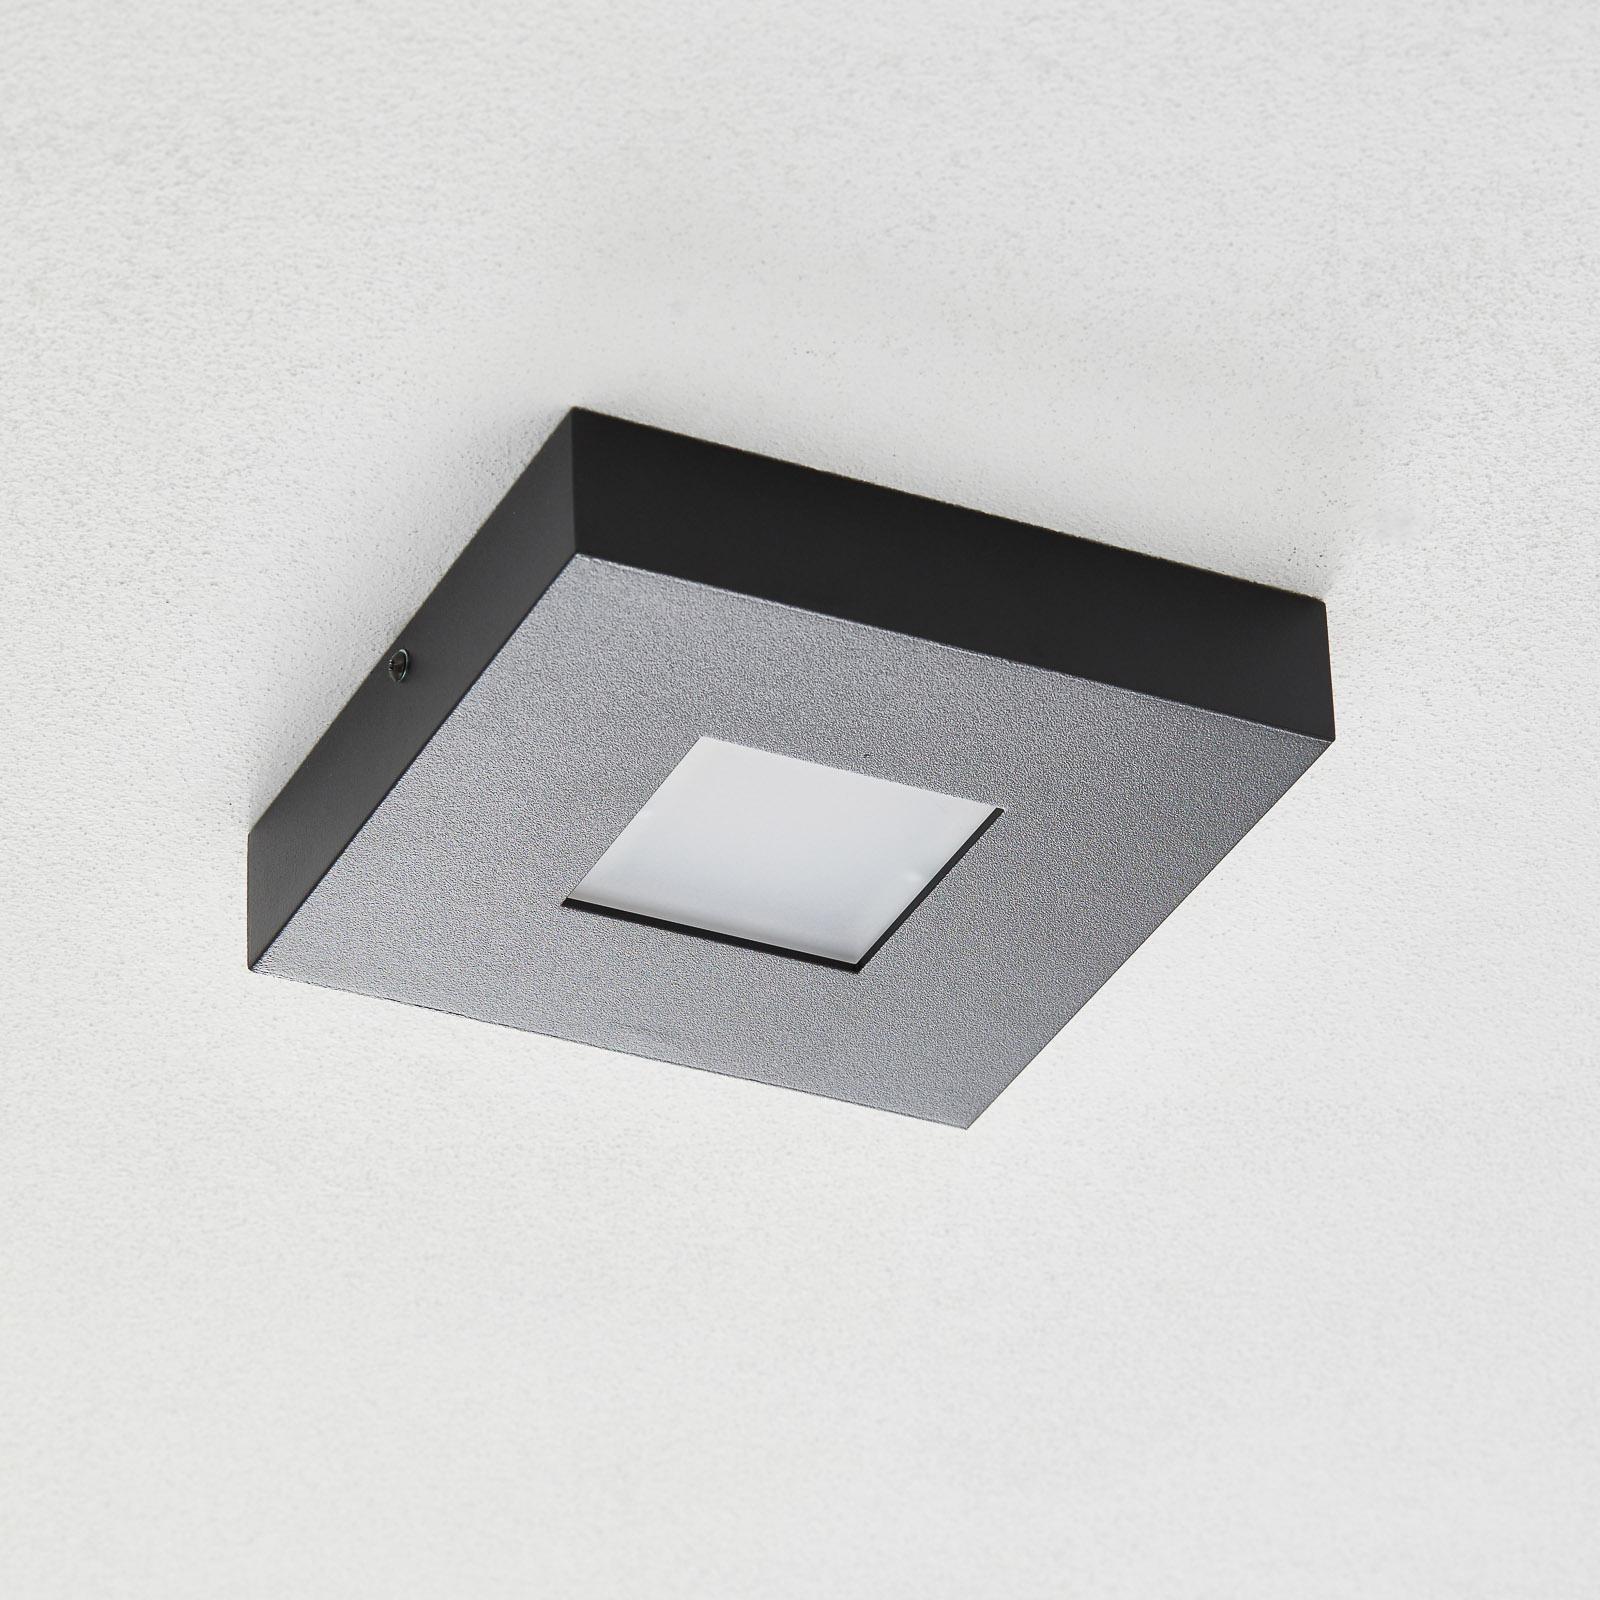 Bopp Cubus stropné LED svietidlo v čiernej